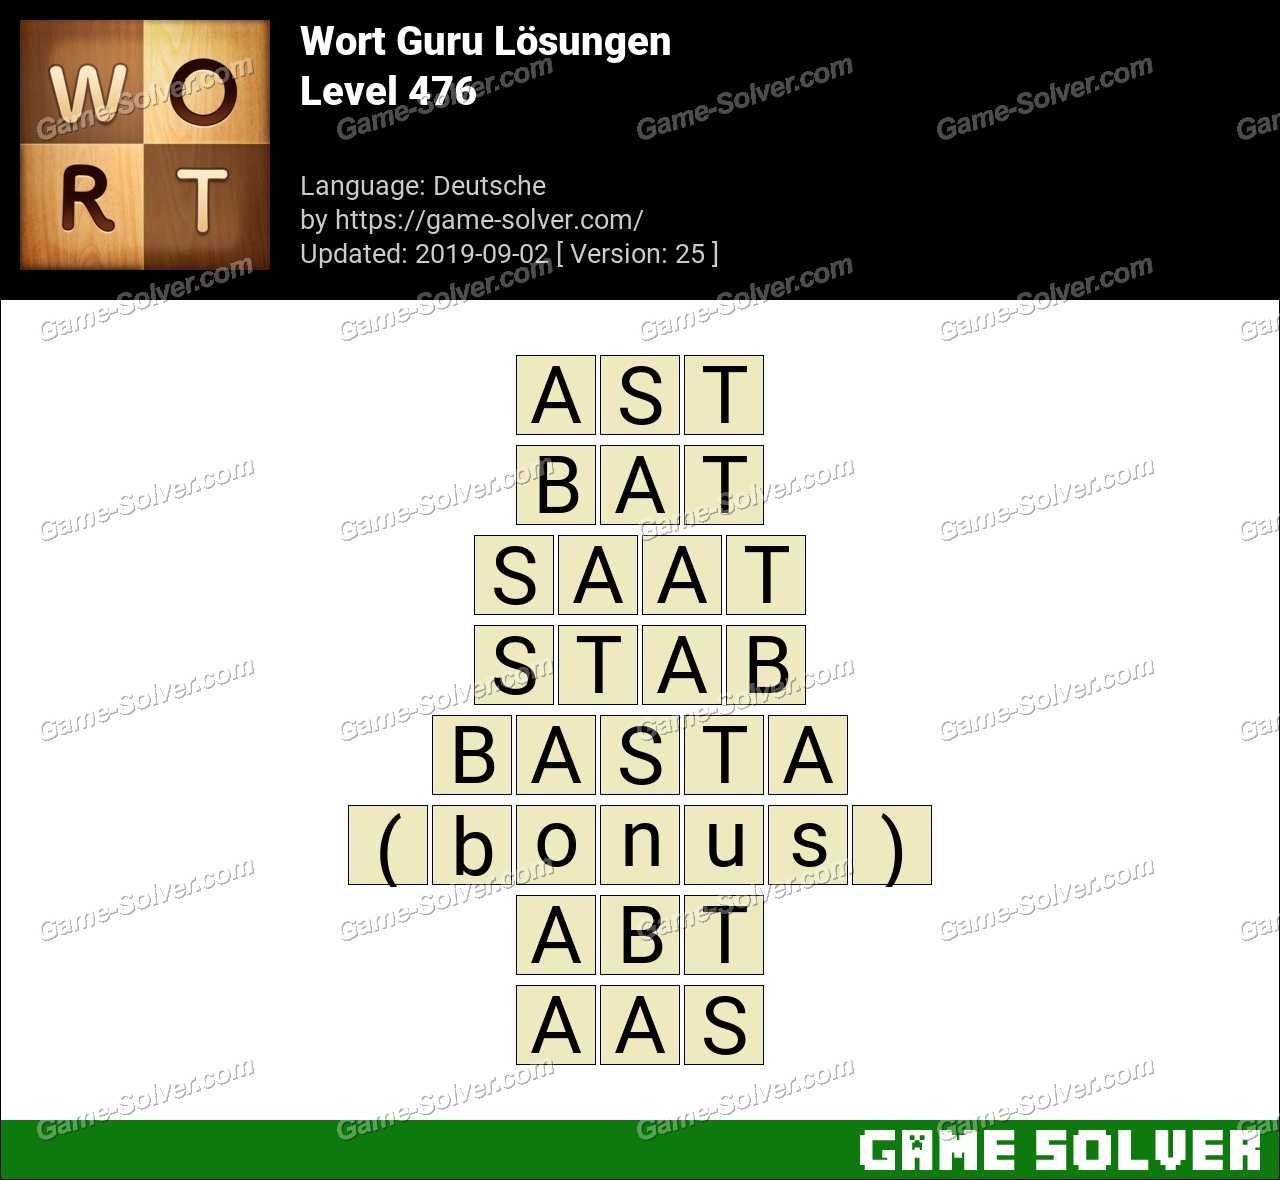 Wort Guru Level 476 Lösungen